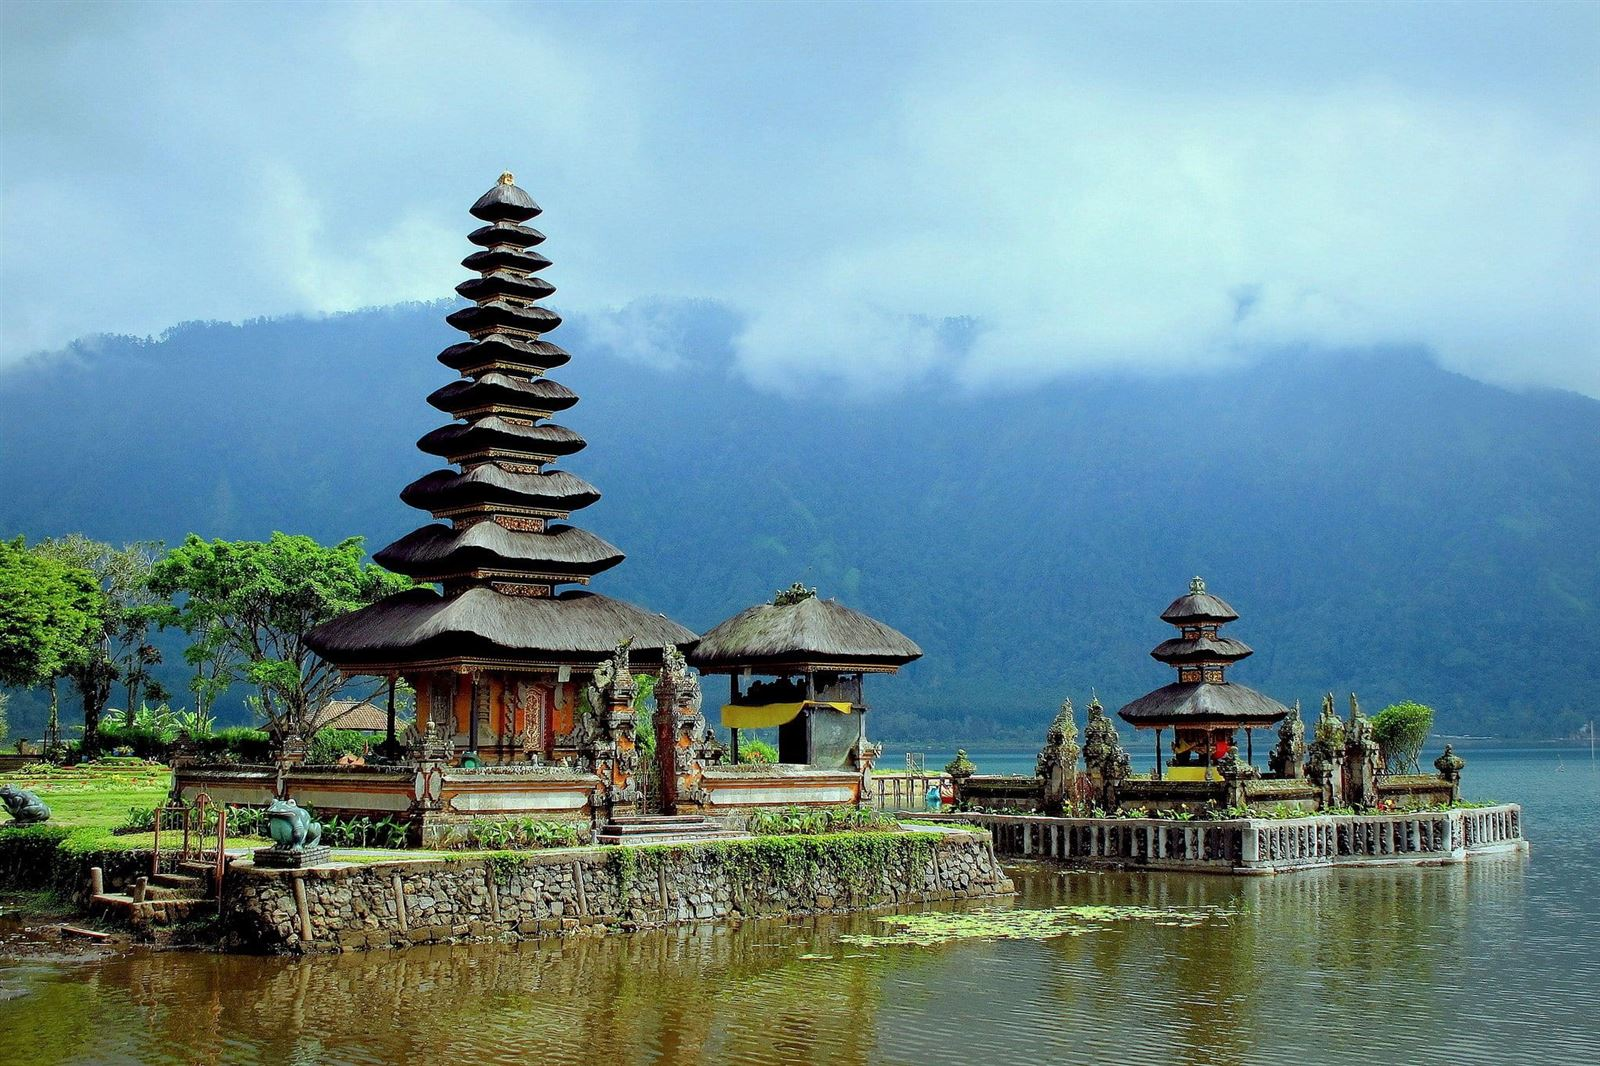 Du Lịch Indonesia - Bali - Đền Tanah Lot 4 ngày 3 đêm